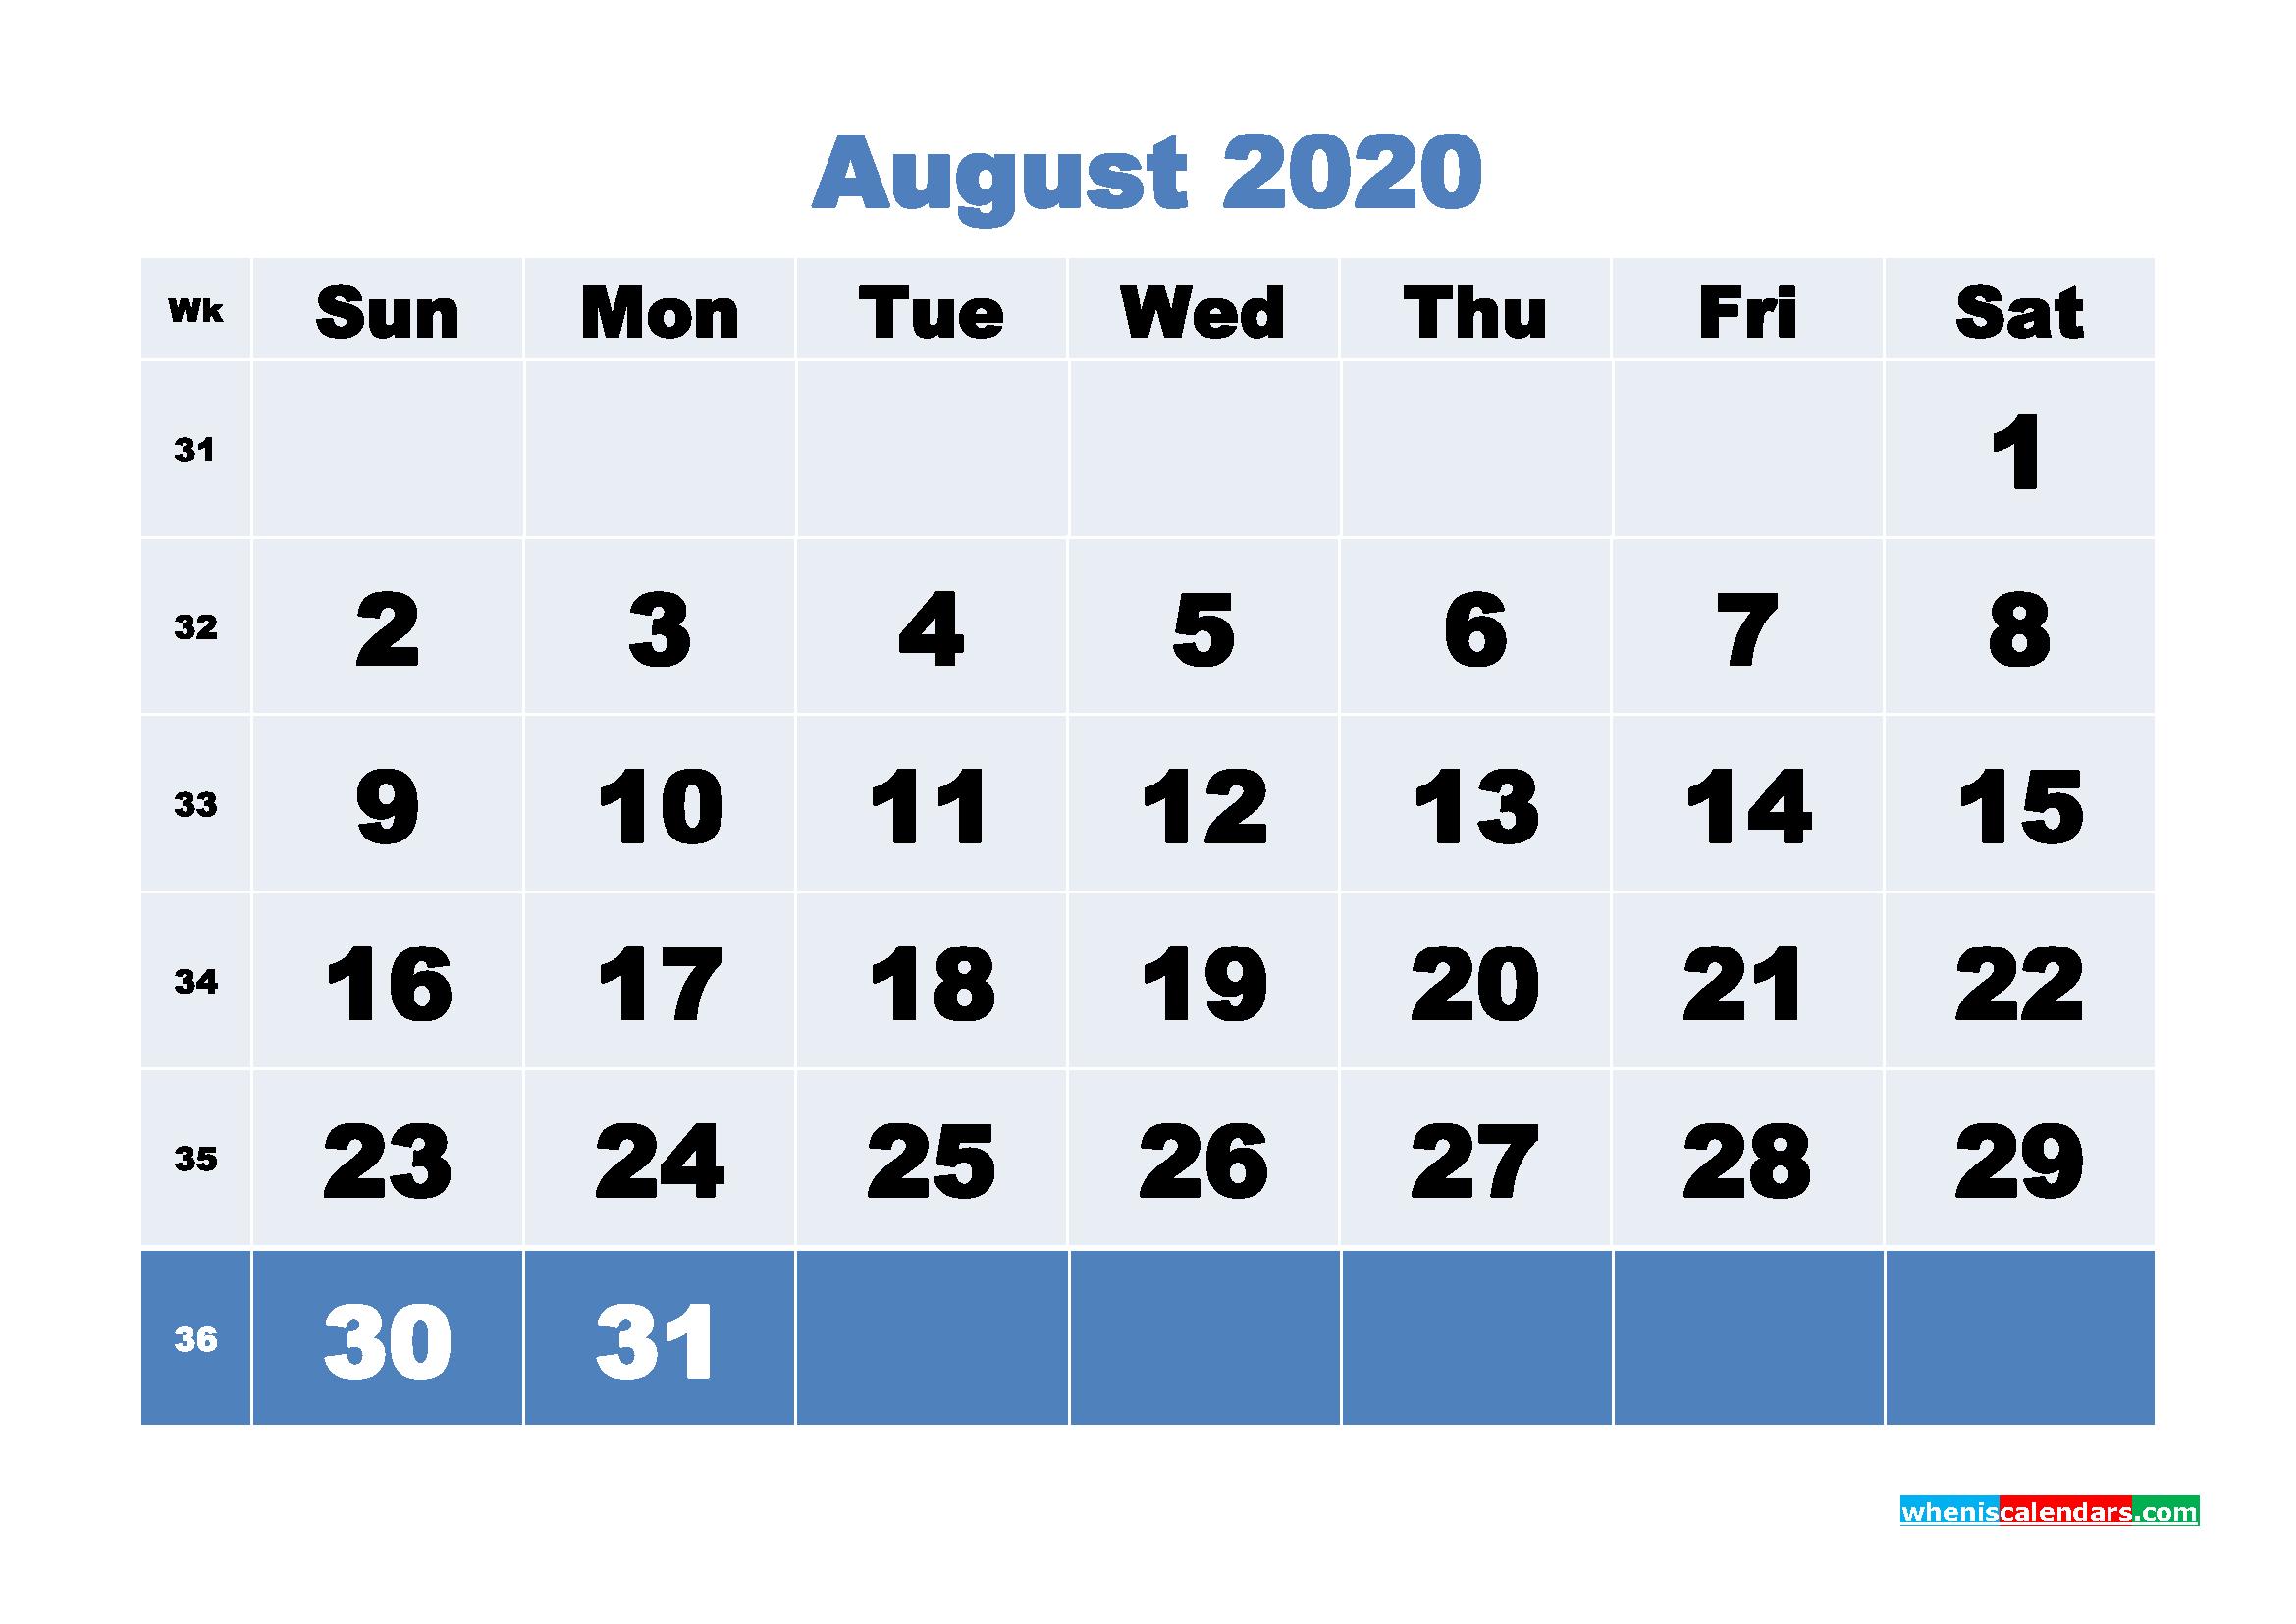 August Printable Calendar 2020 PDF, Word - No.m20b92